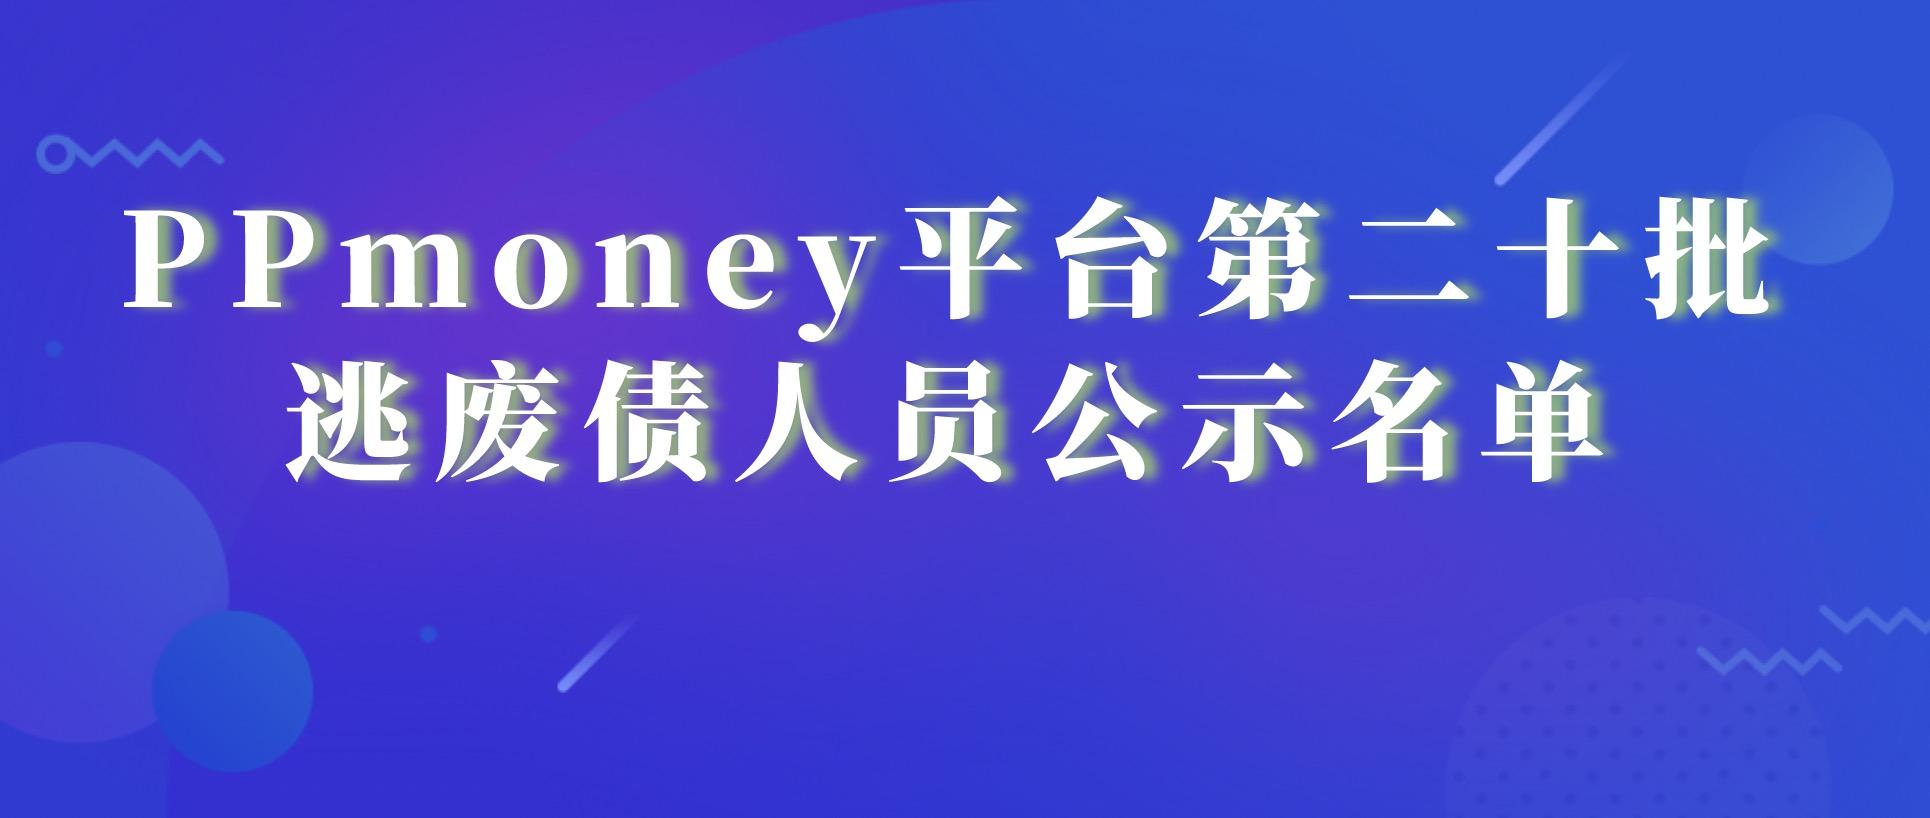 PPmoney平台第二十批逃废债人员公示名单